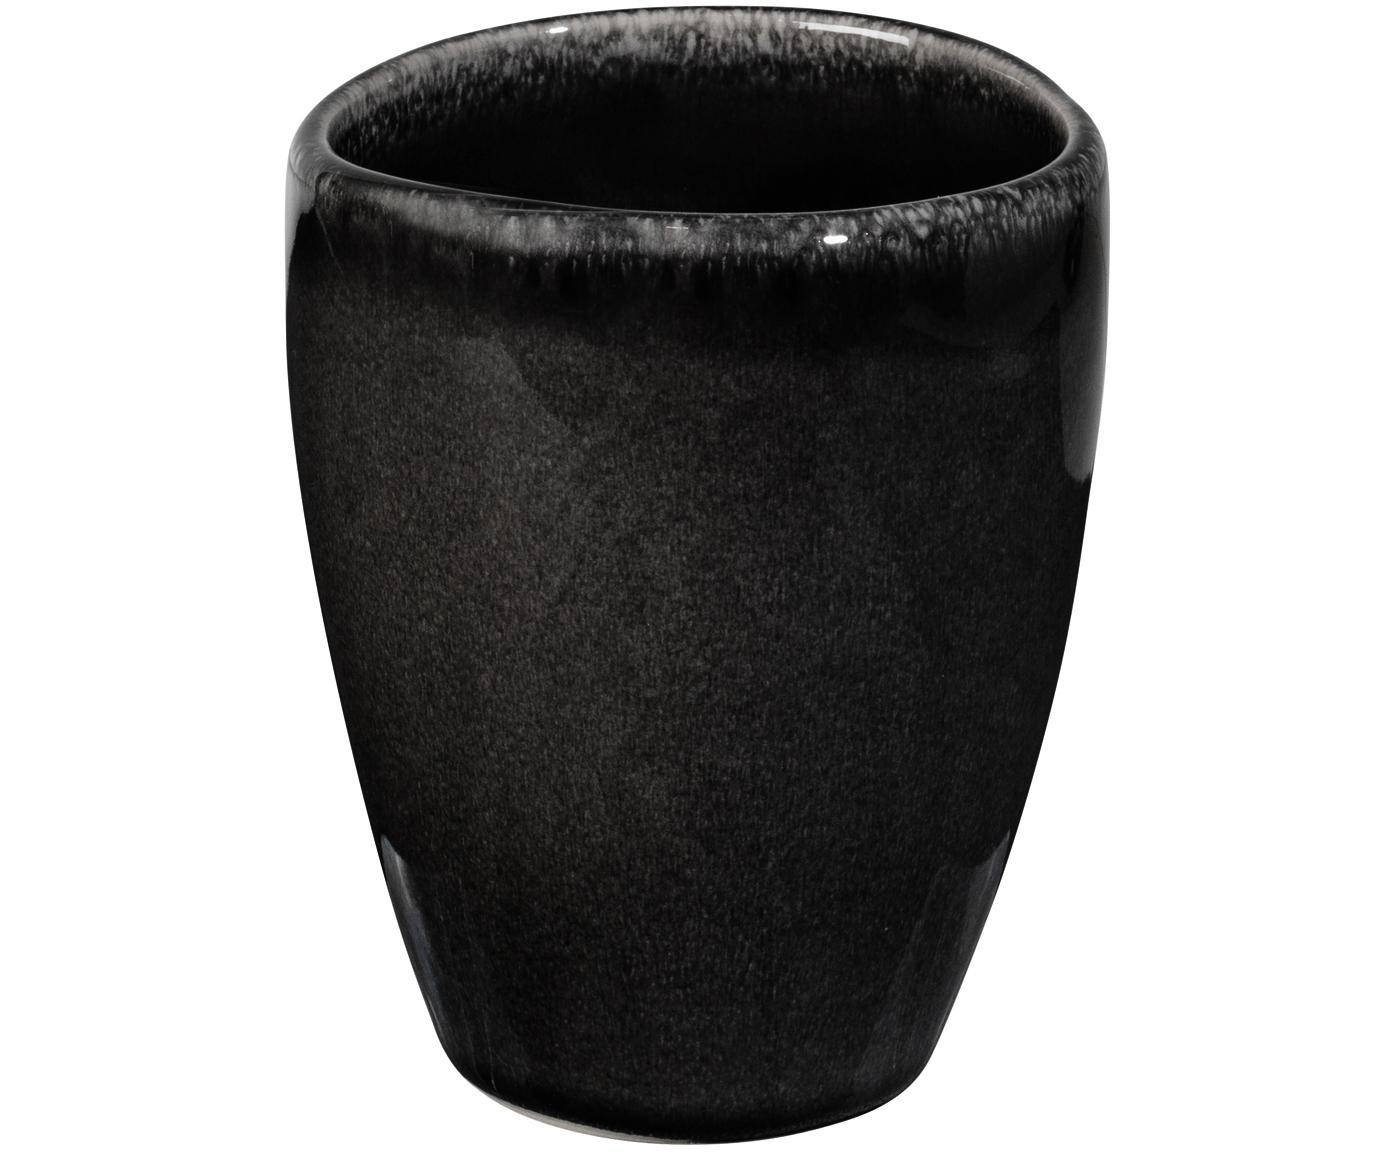 Handgemachte Becher Nordic Coal, 6 Stück, Steingut, Bräunlich, Ø 8 x H 10 cm